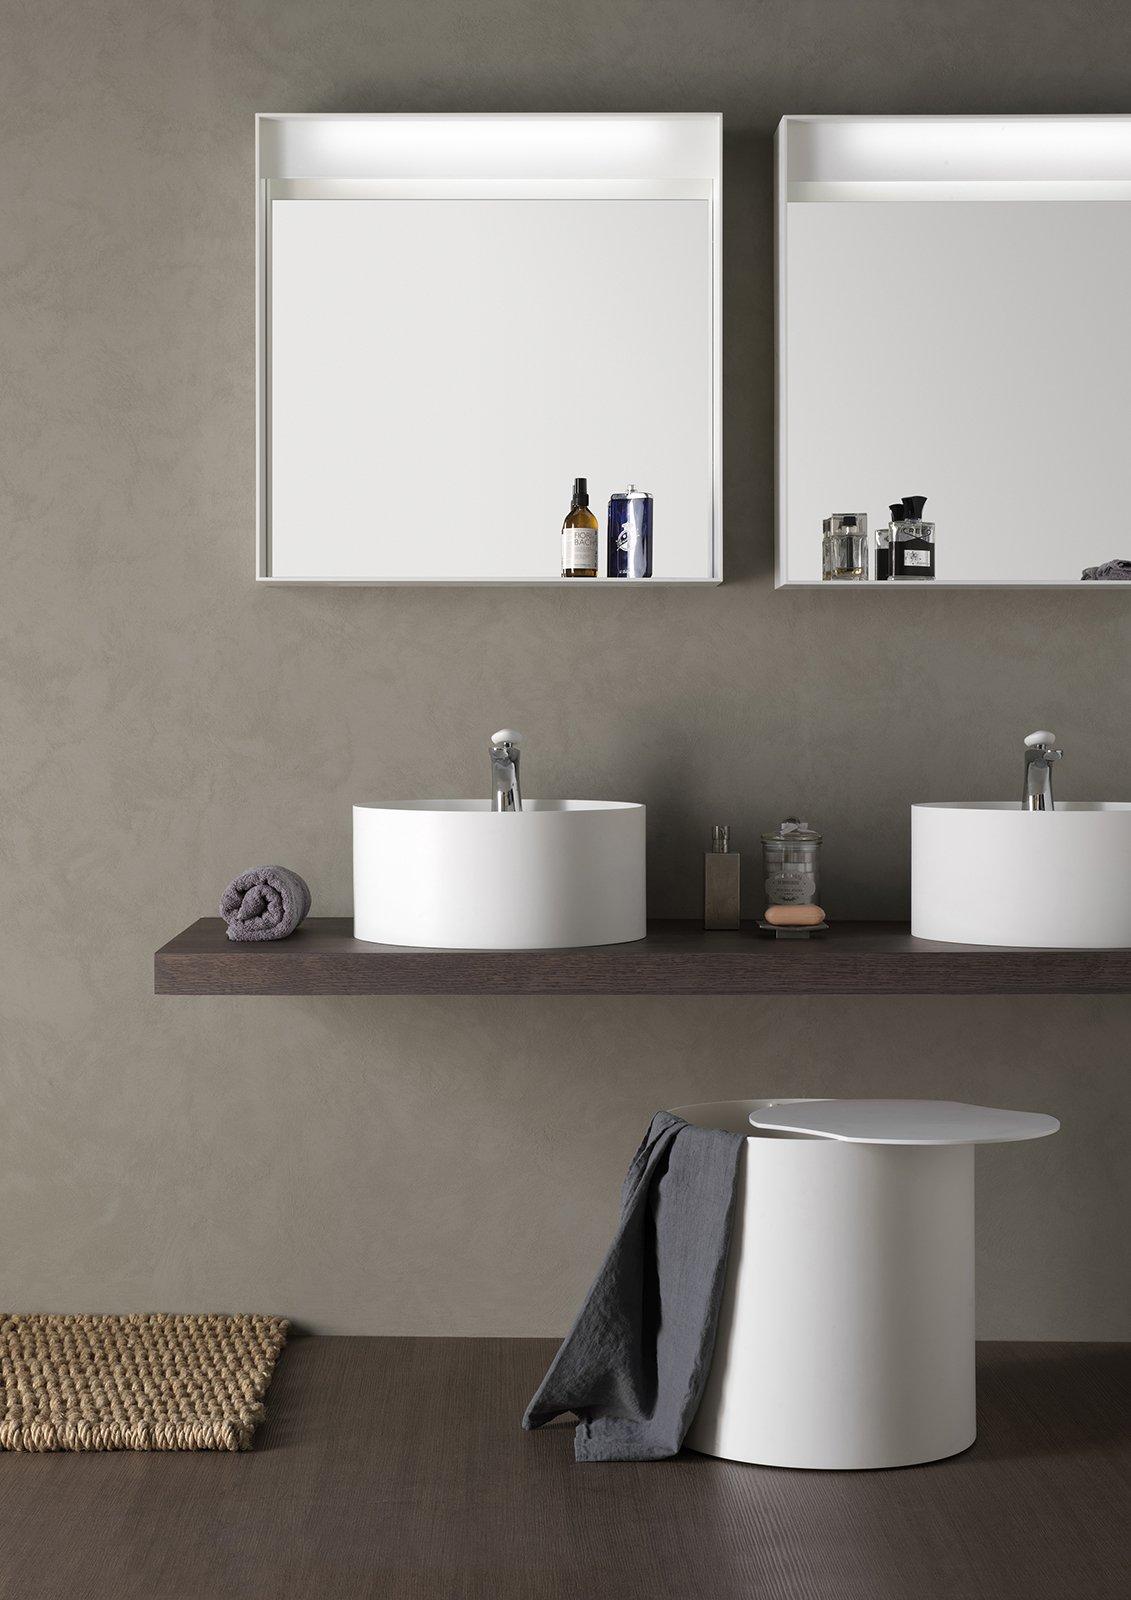 100+ [ accessori per bagno moderno ] | bagno moderno sospeso beth ... - Accessori Per Bagni Moderni